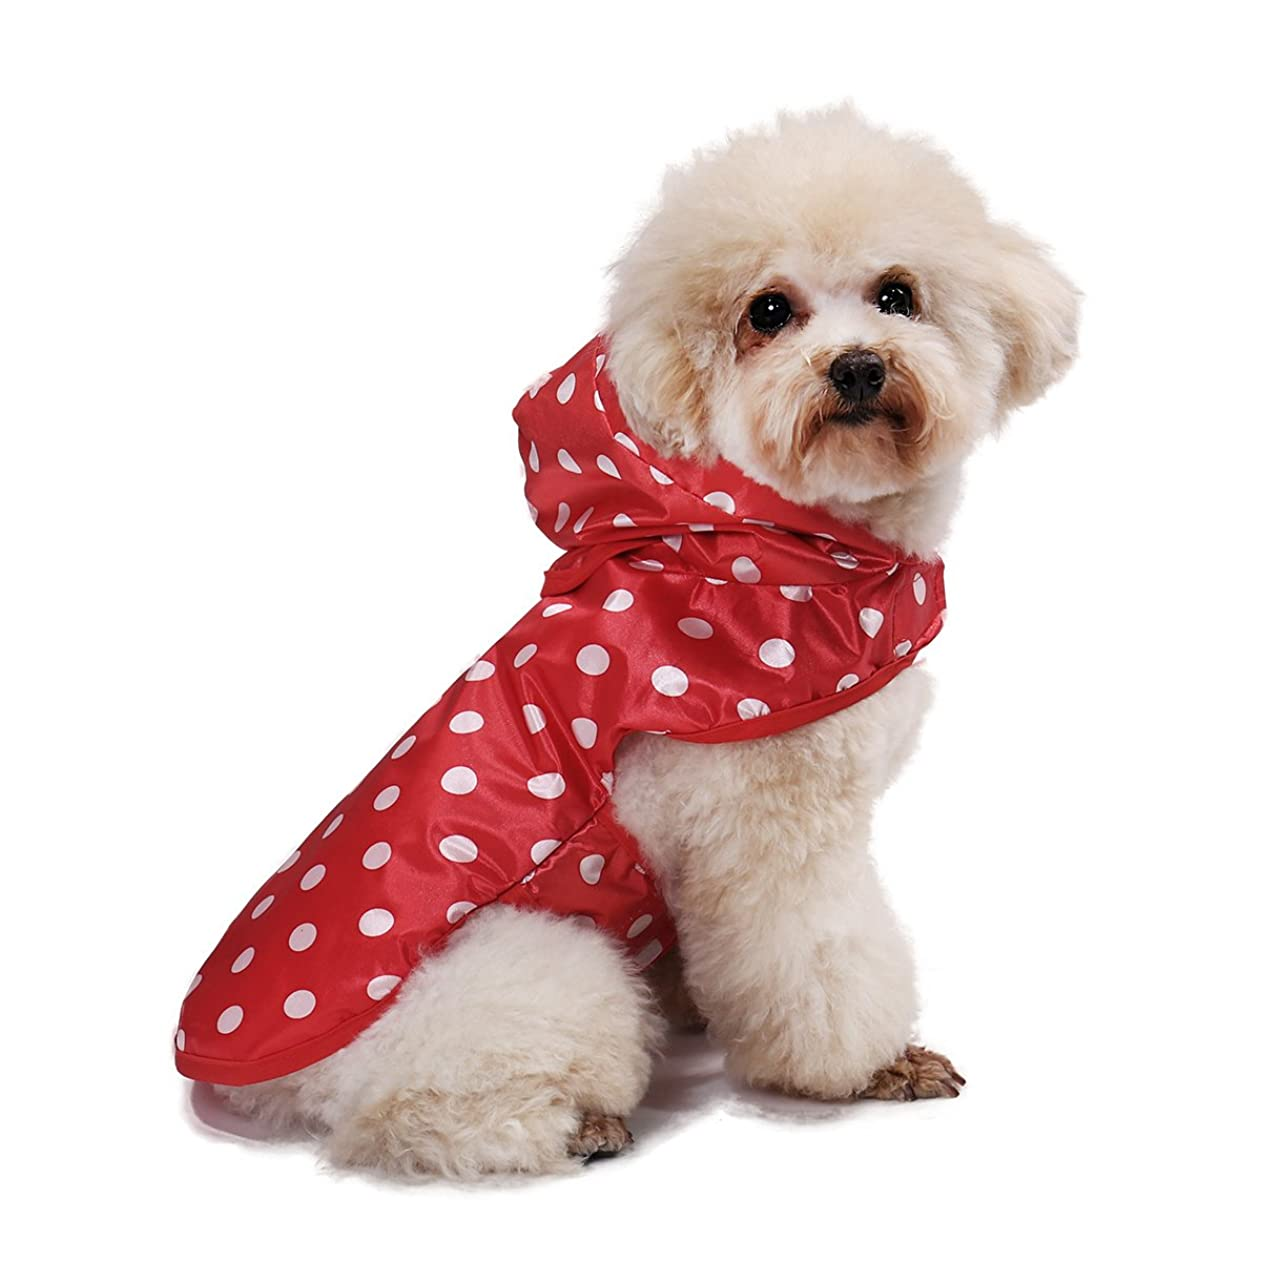 見るカテナ大惨事呉屋デパート 犬用レインコート ペット用品 小動物 猫 レインポンチョ 小型犬 中型犬 雨具 透明 雨の日のお散歩に カッパ 帽子付き 梅雨対策